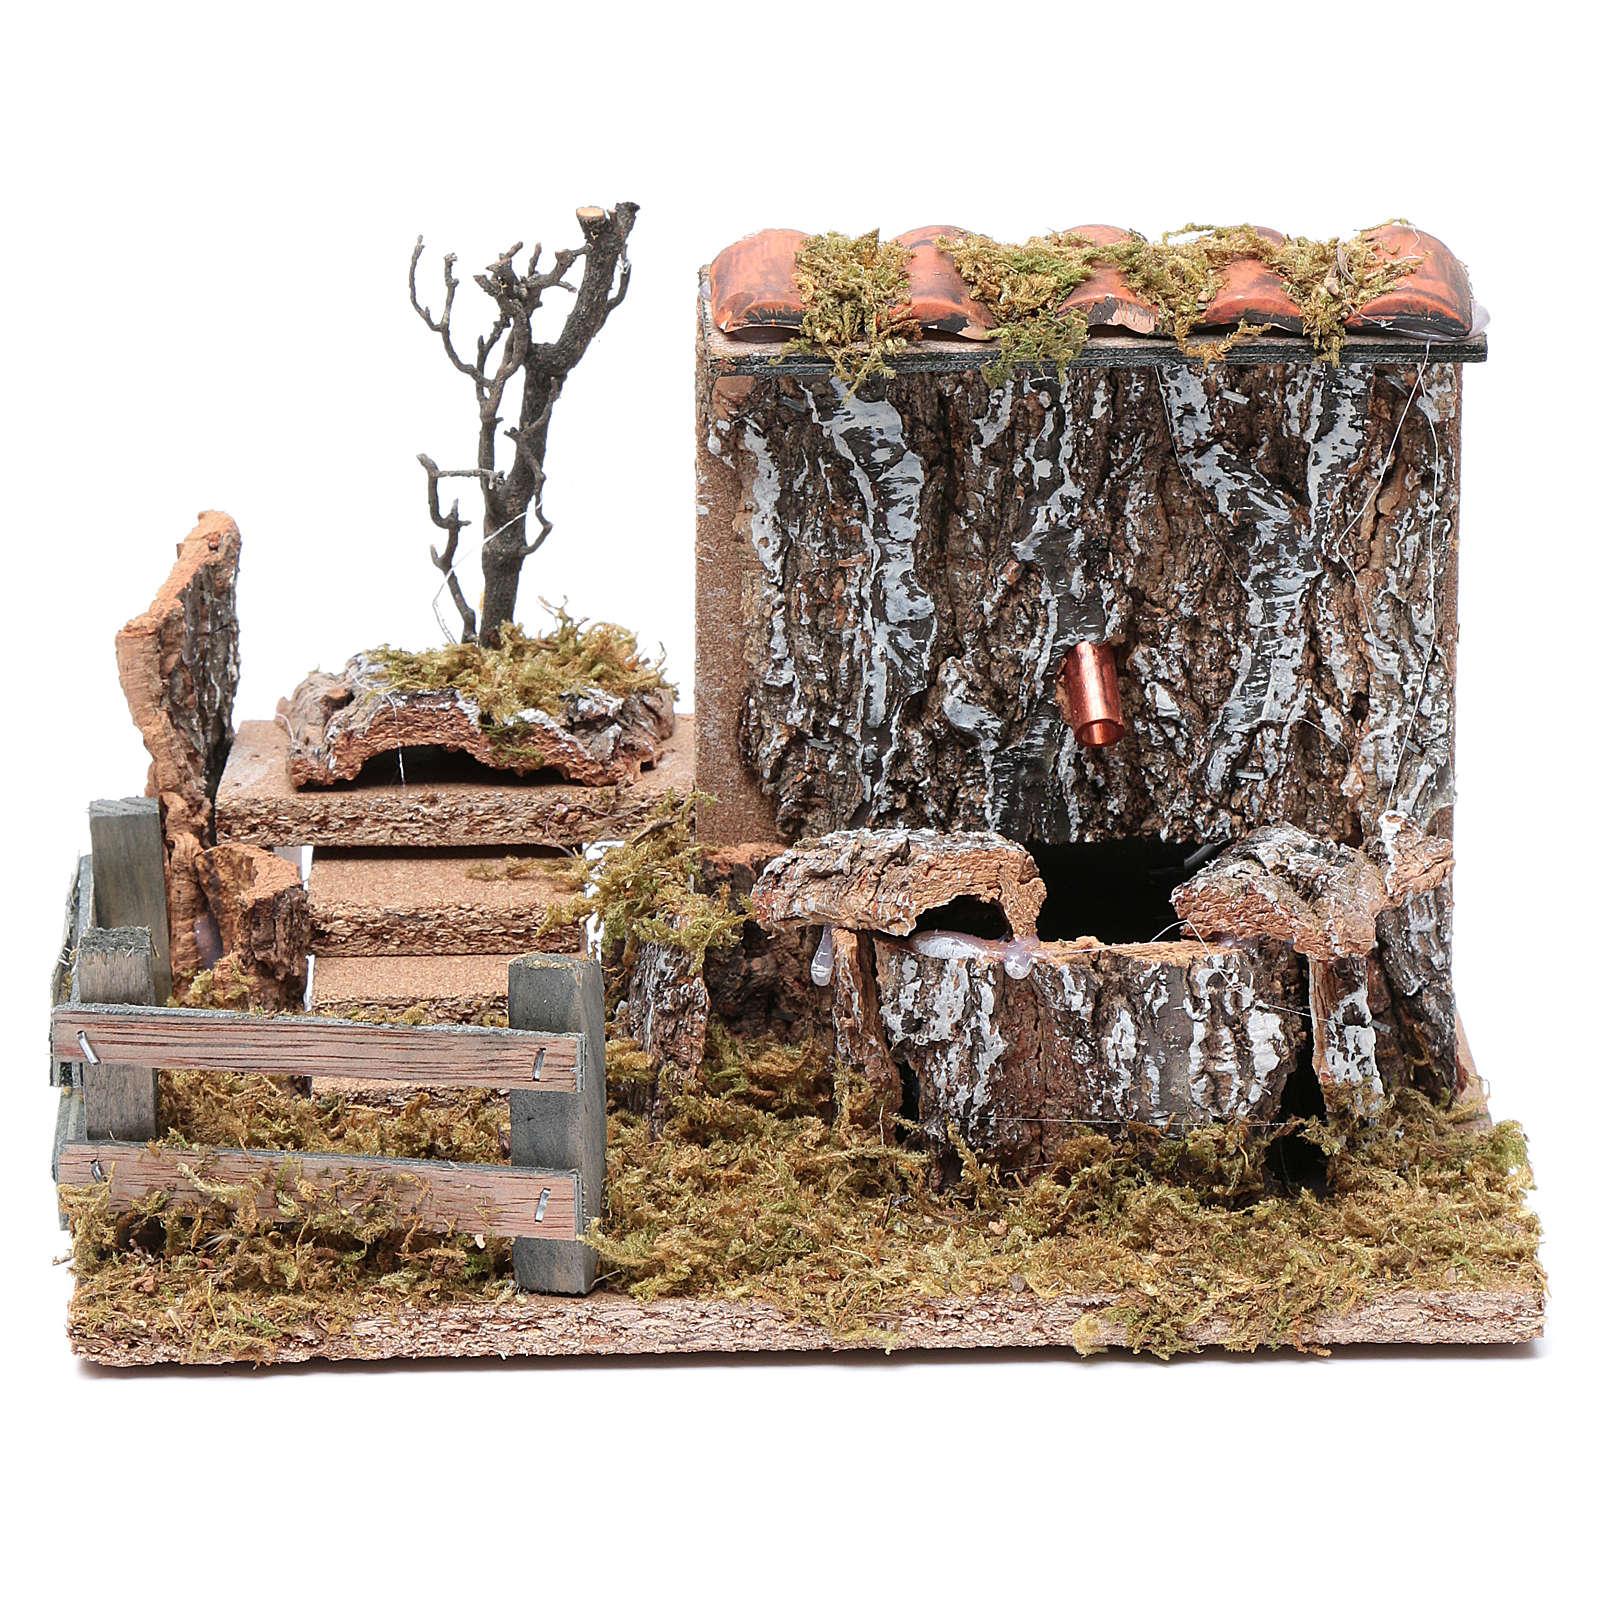 Fuente con bomba en pared rocosa y techo para belén 15x20x10 cm 4